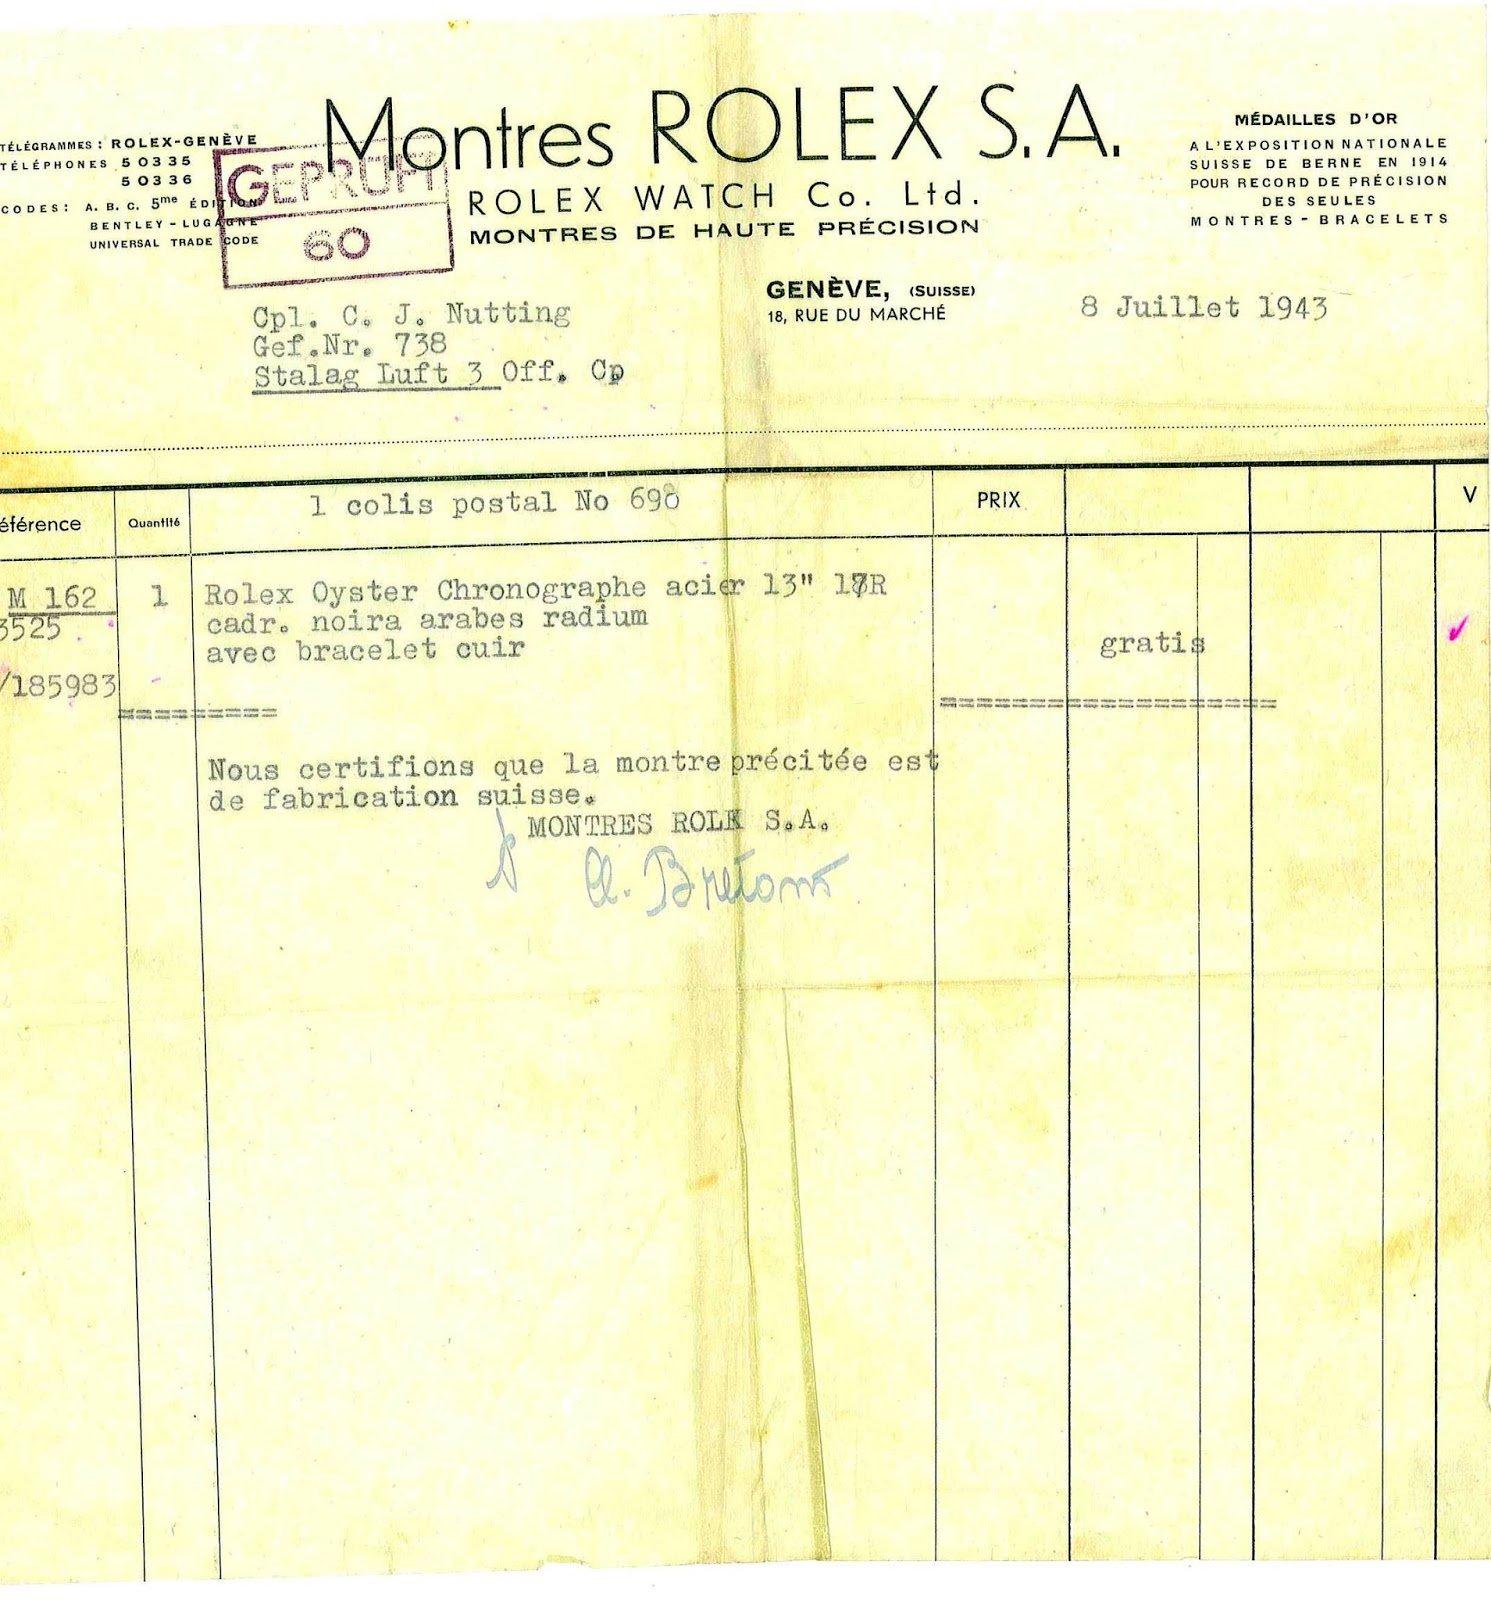 הקבלה של רולקס לשעון של נוטינג. מקור - RolexMagazine.com.